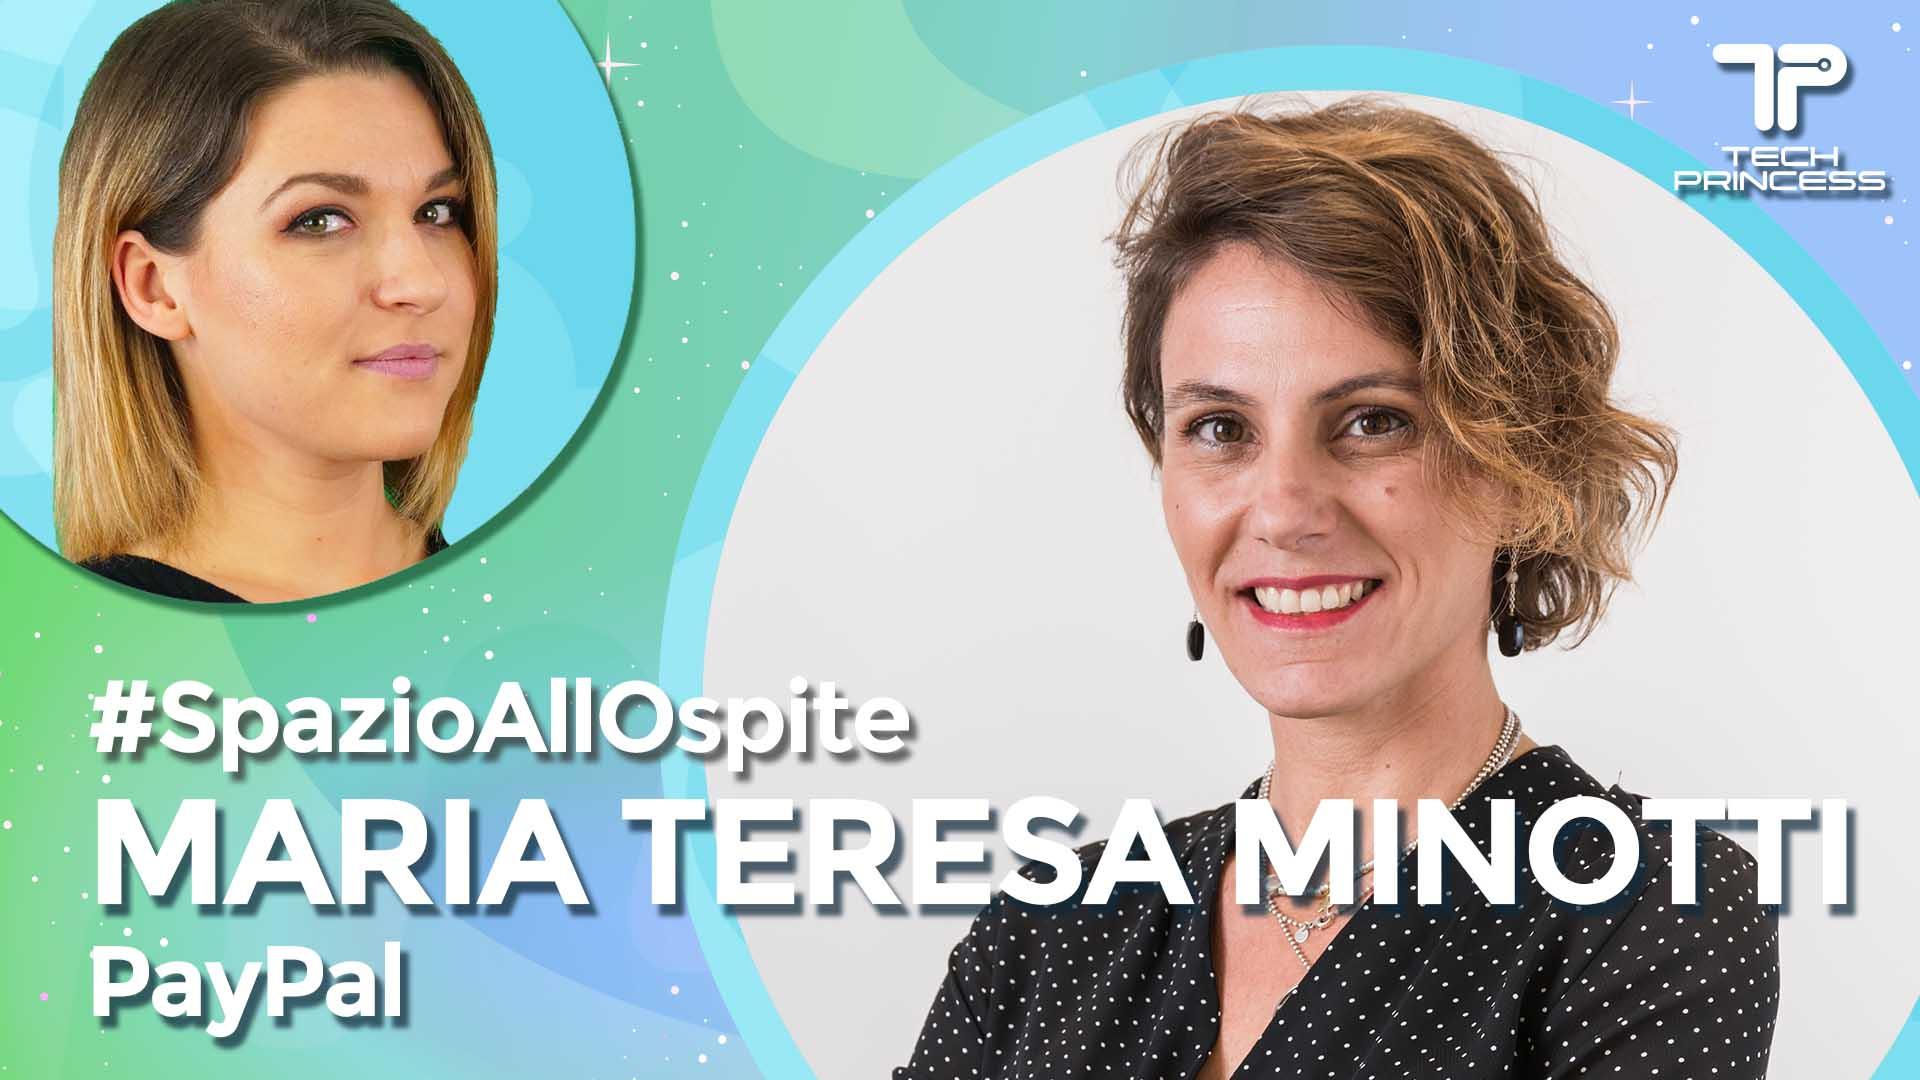 Maria Teresa Minotti, Paypal: il futuro dei pagamenti digitali | Intervista in live #SpazioAllOspite thumbnail